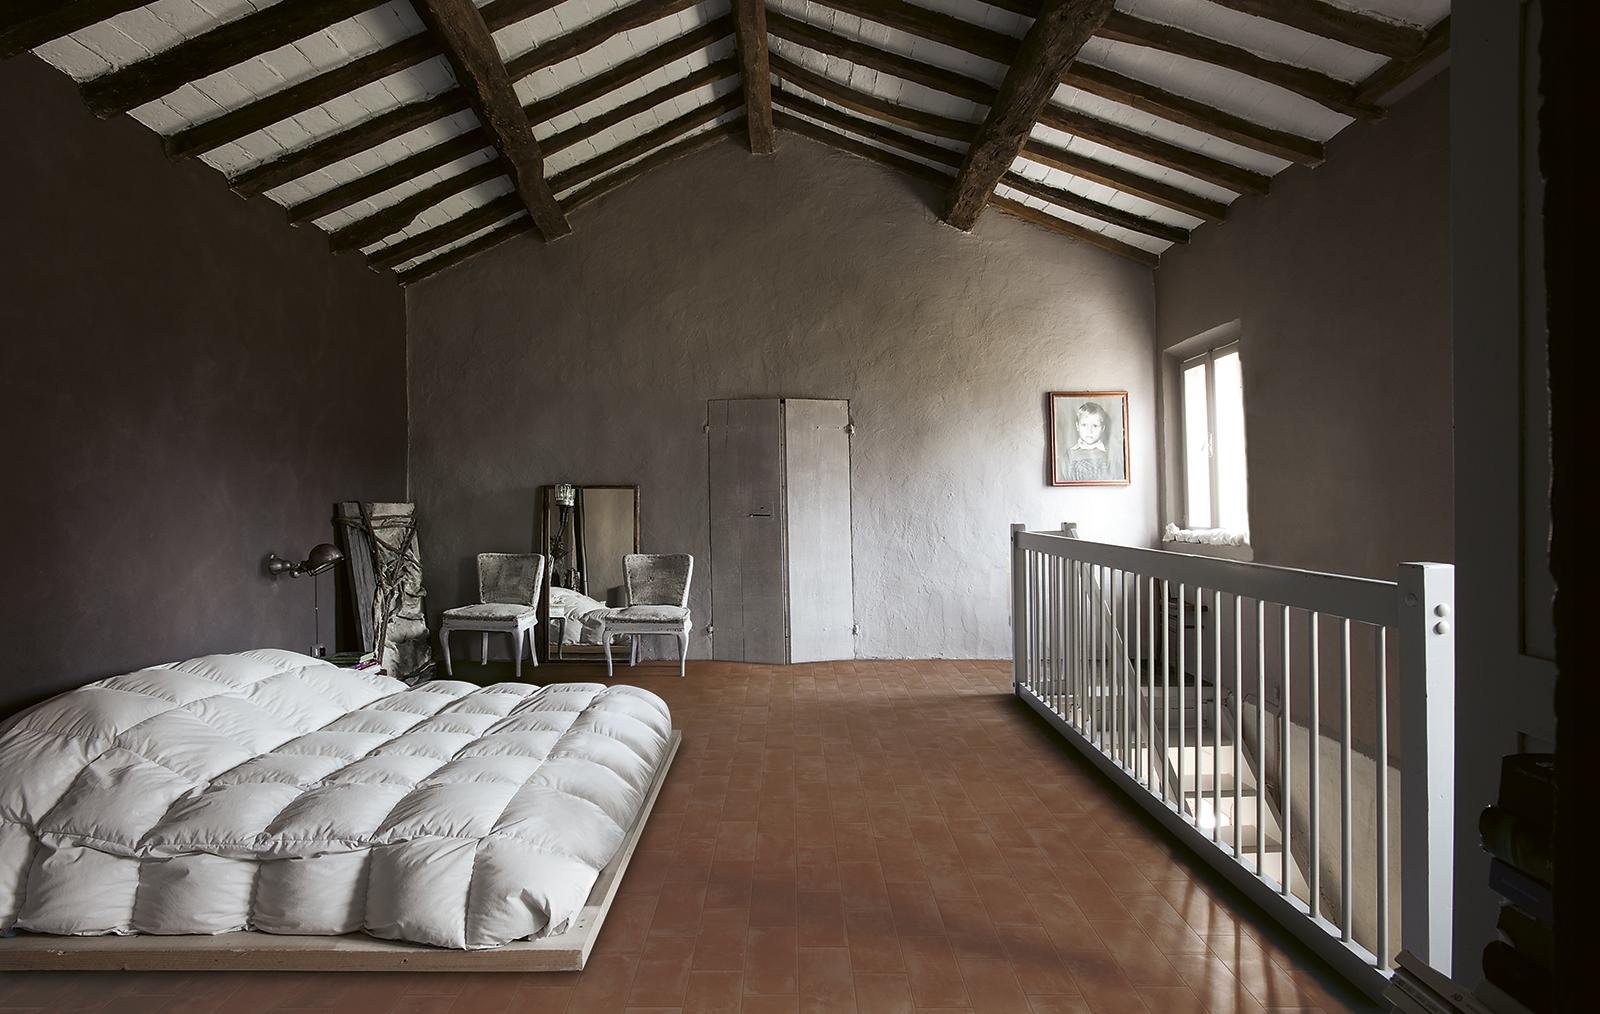 Piastrelle camera da letto idee in ceramica e gres marazzi - Pavimento camera da letto ...